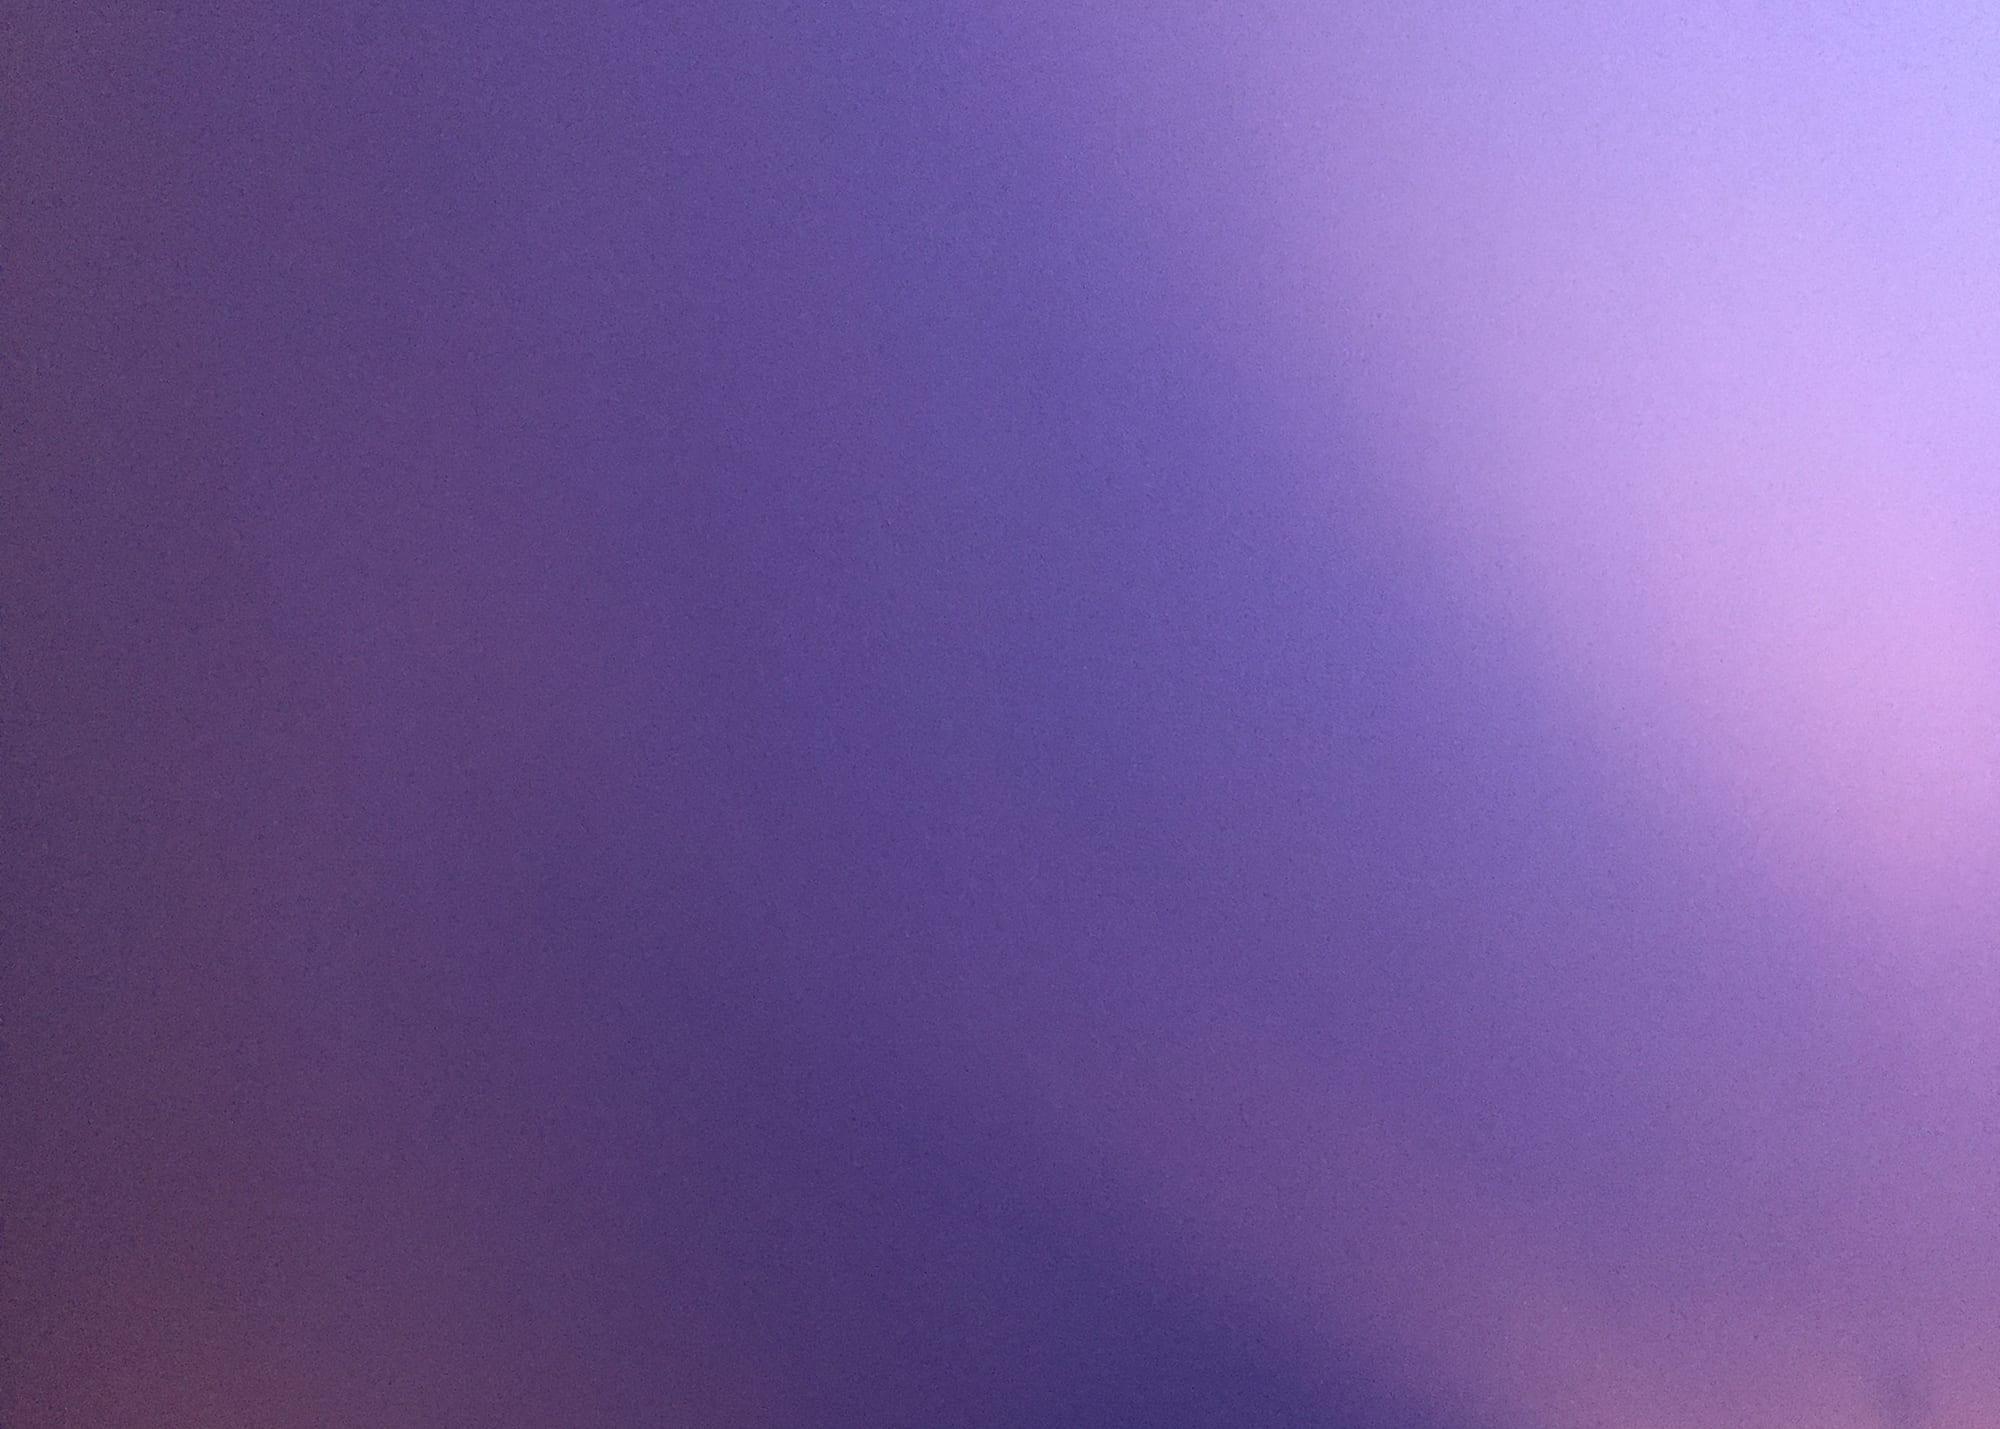 Violett – die Farbe der Impressionisten